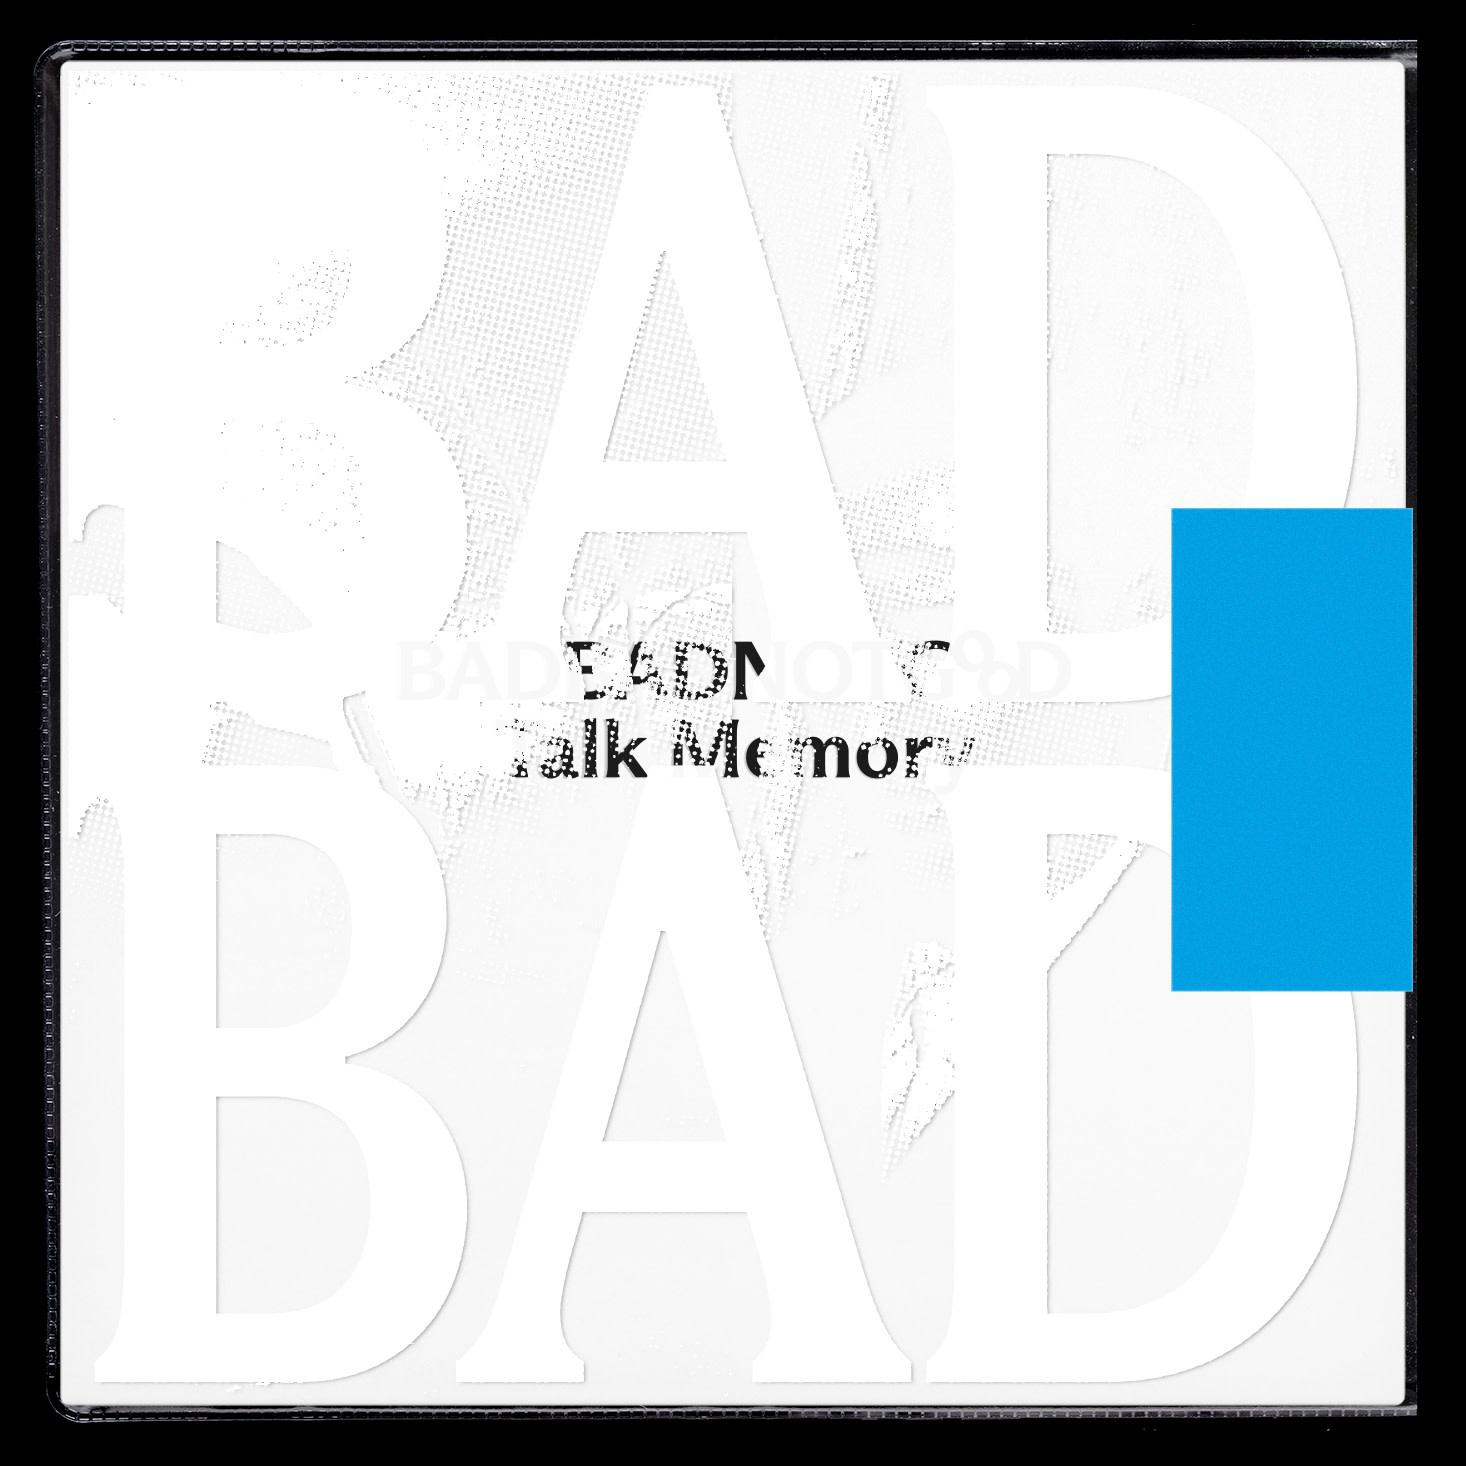 XL Recordings Badbadnotgood  - Talk Memory